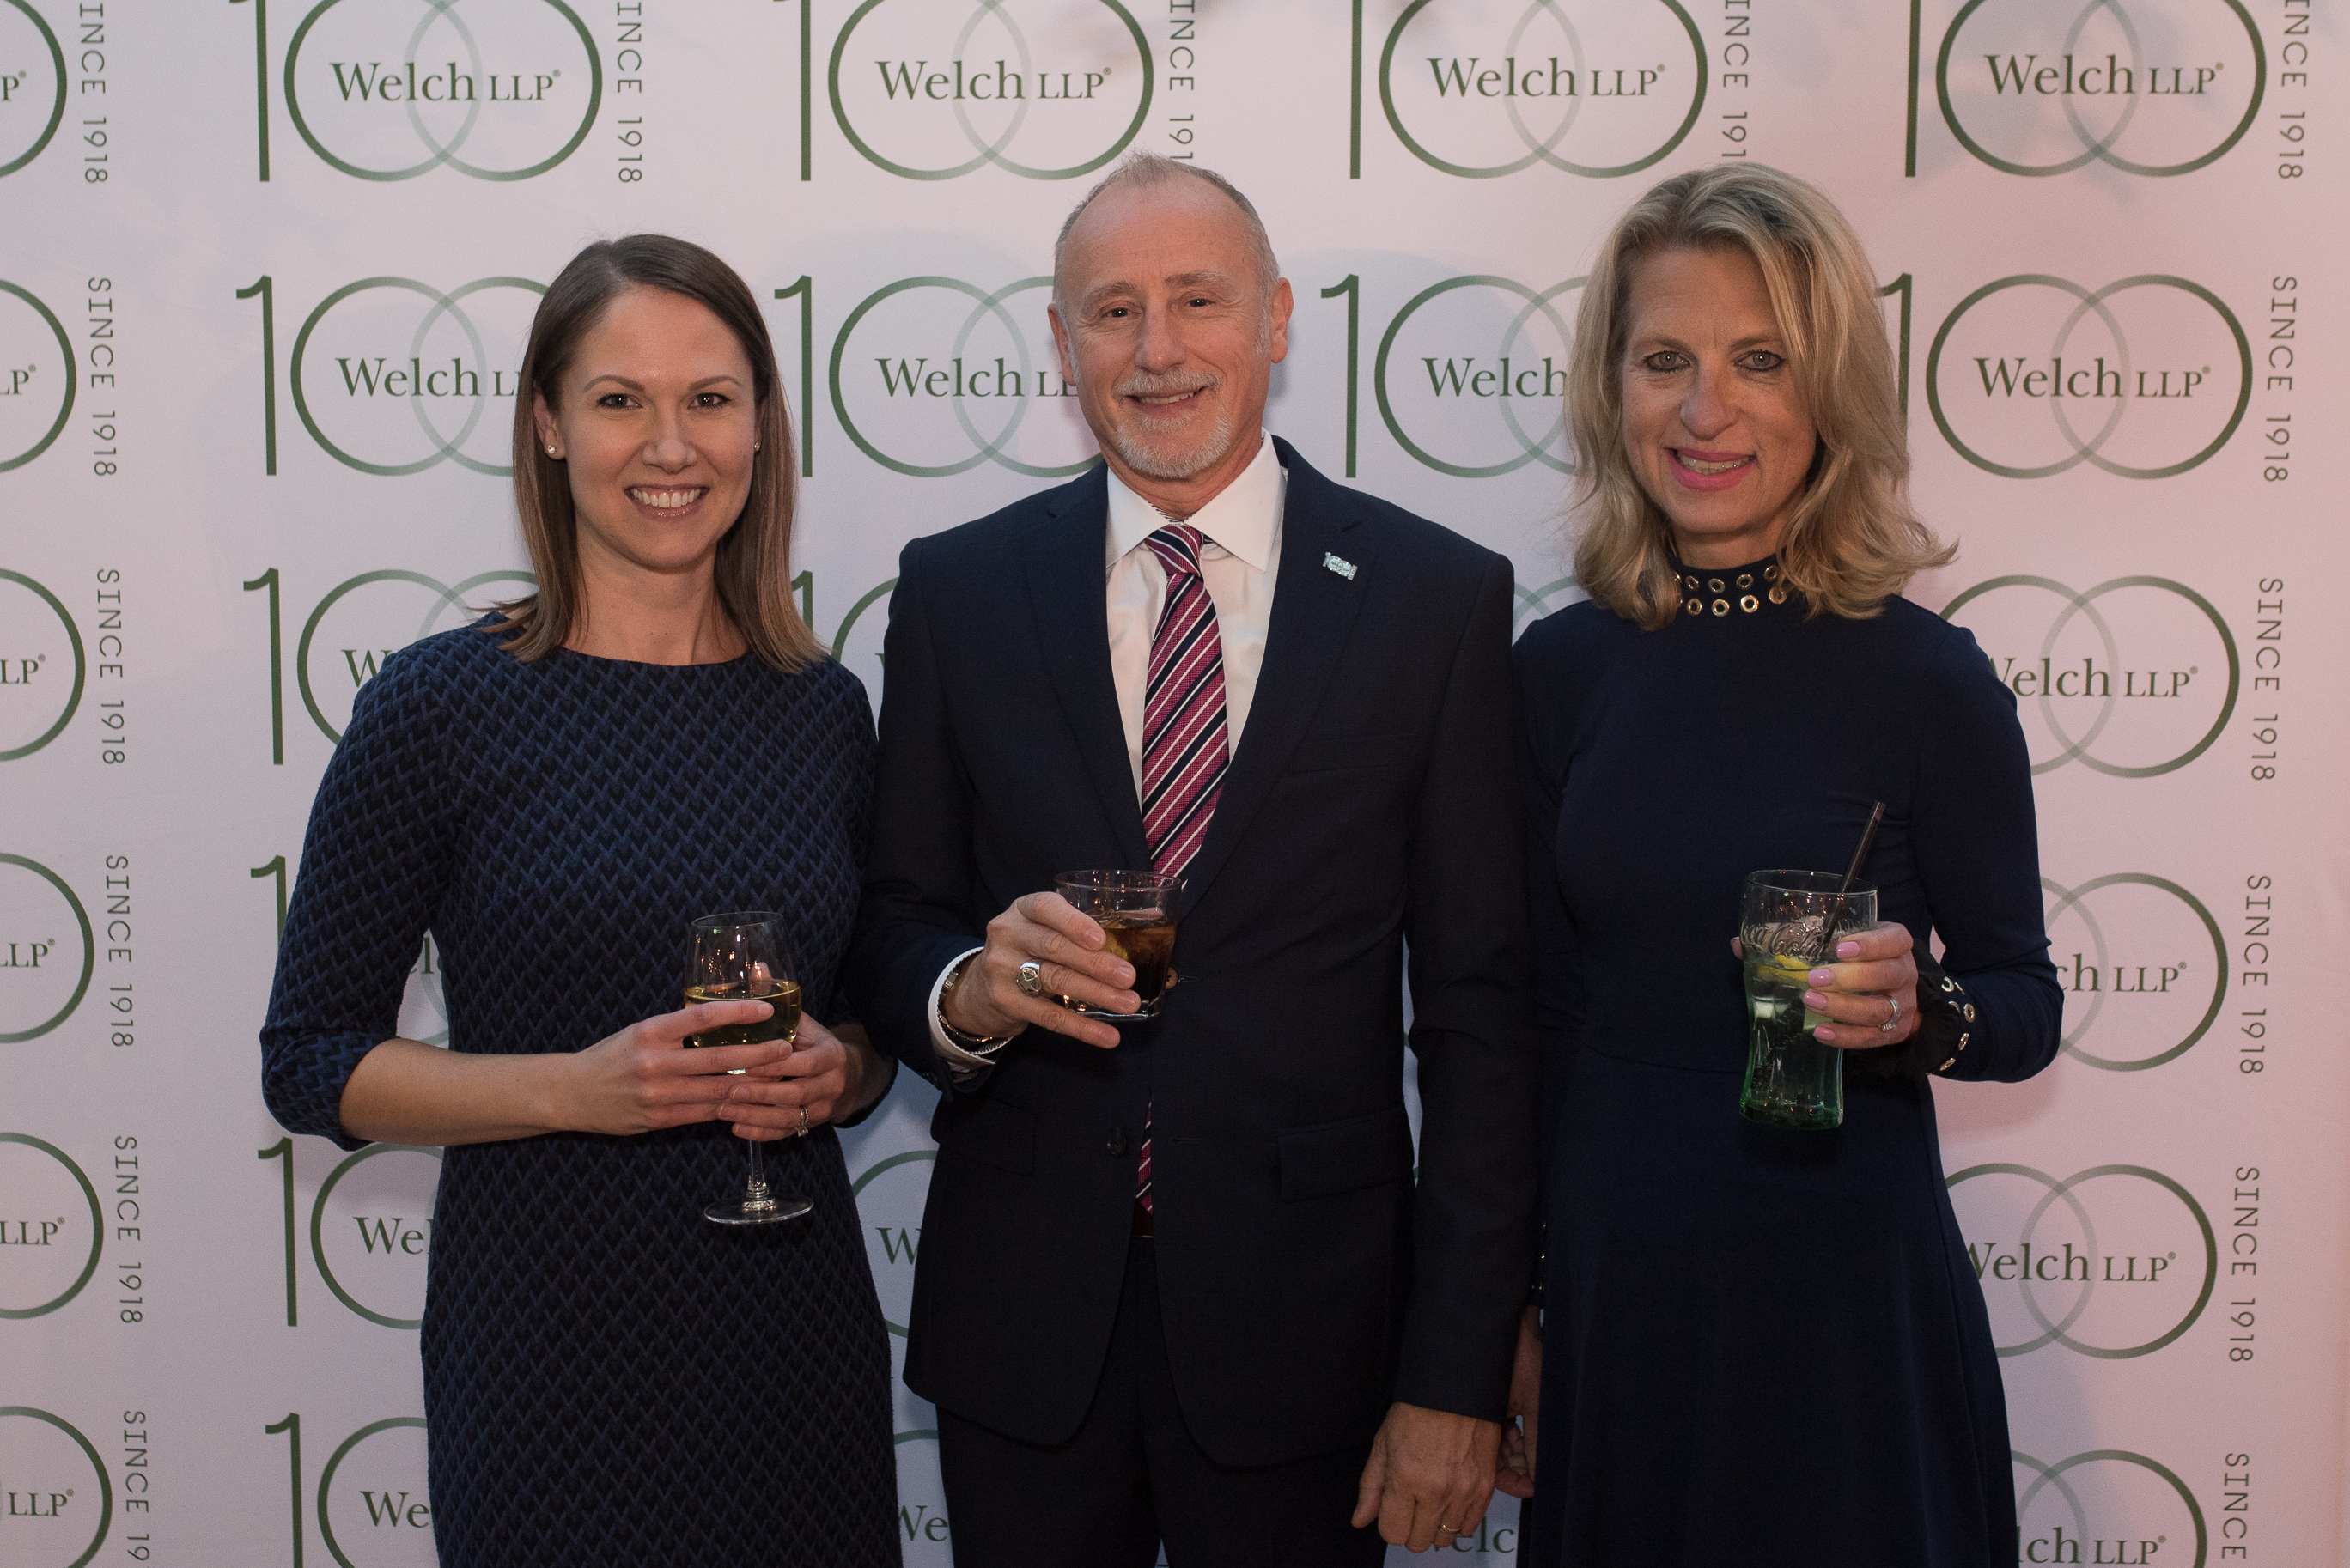 Welch 100 Year Anniversary (Toronto)